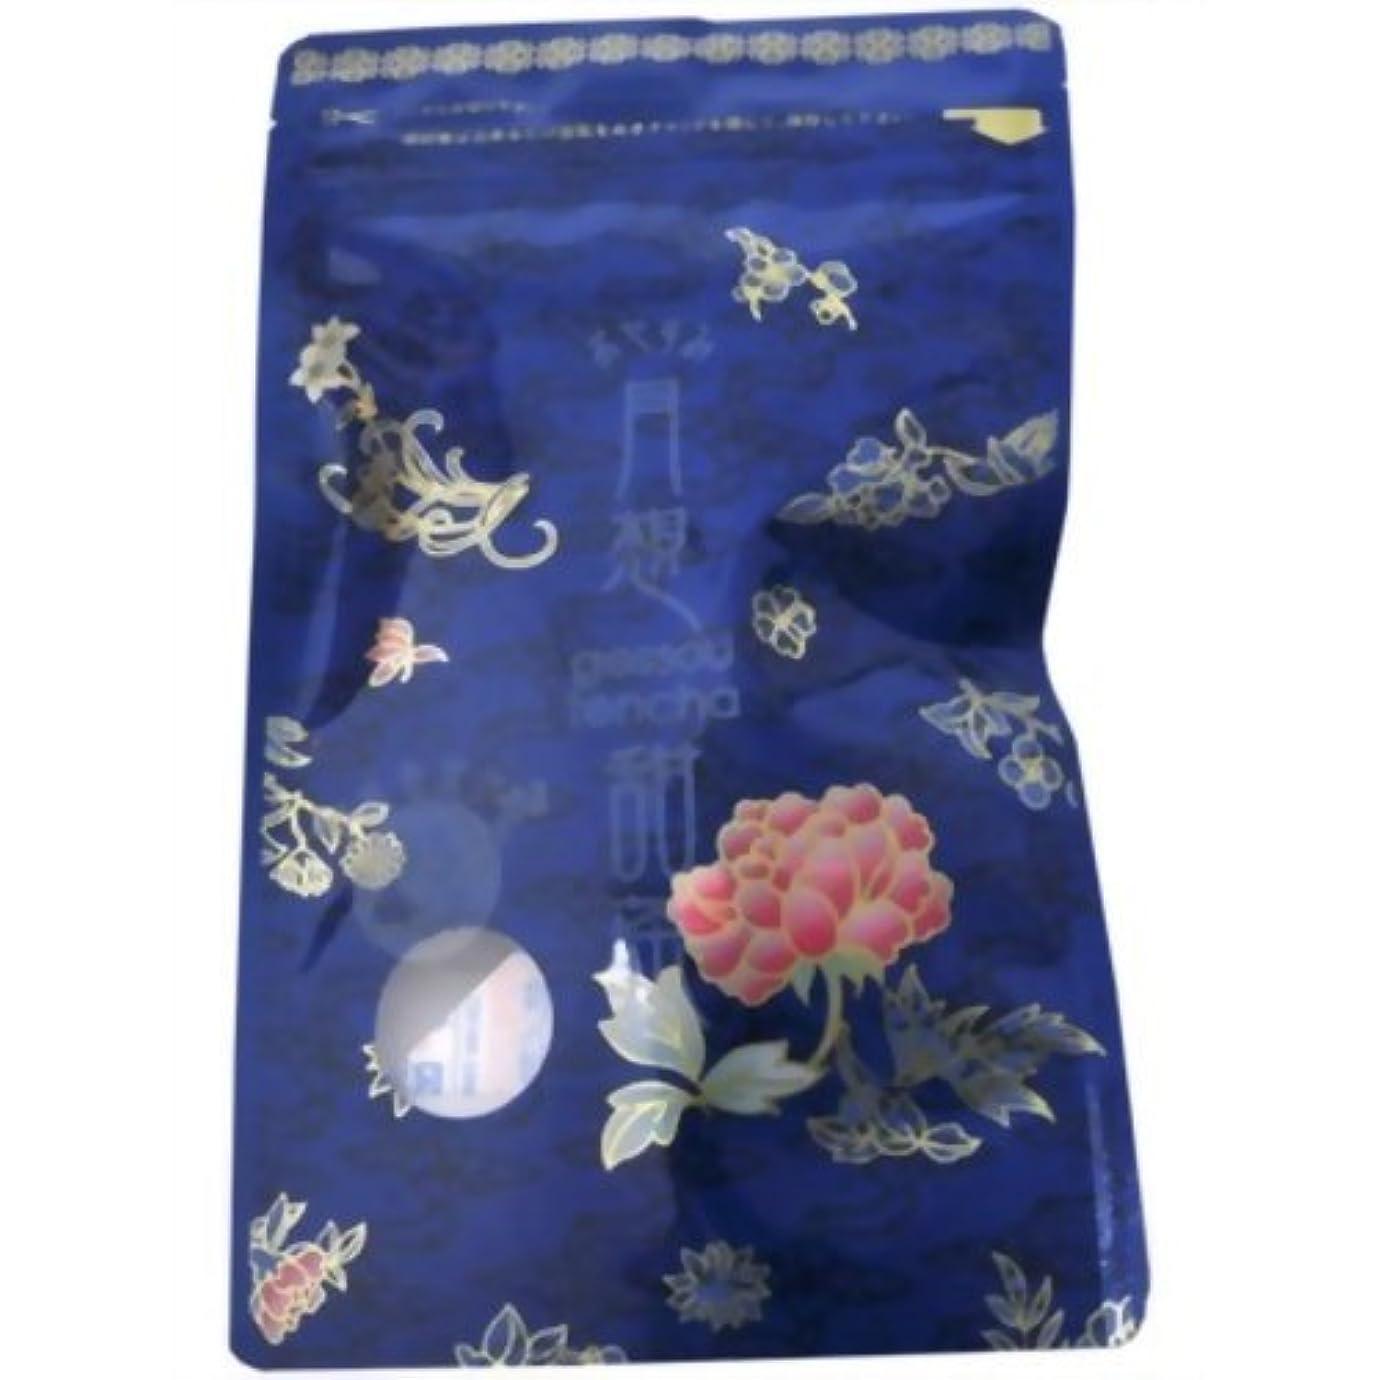 遅ればかふつうおやすみ月想甜茶 1.5gx15袋